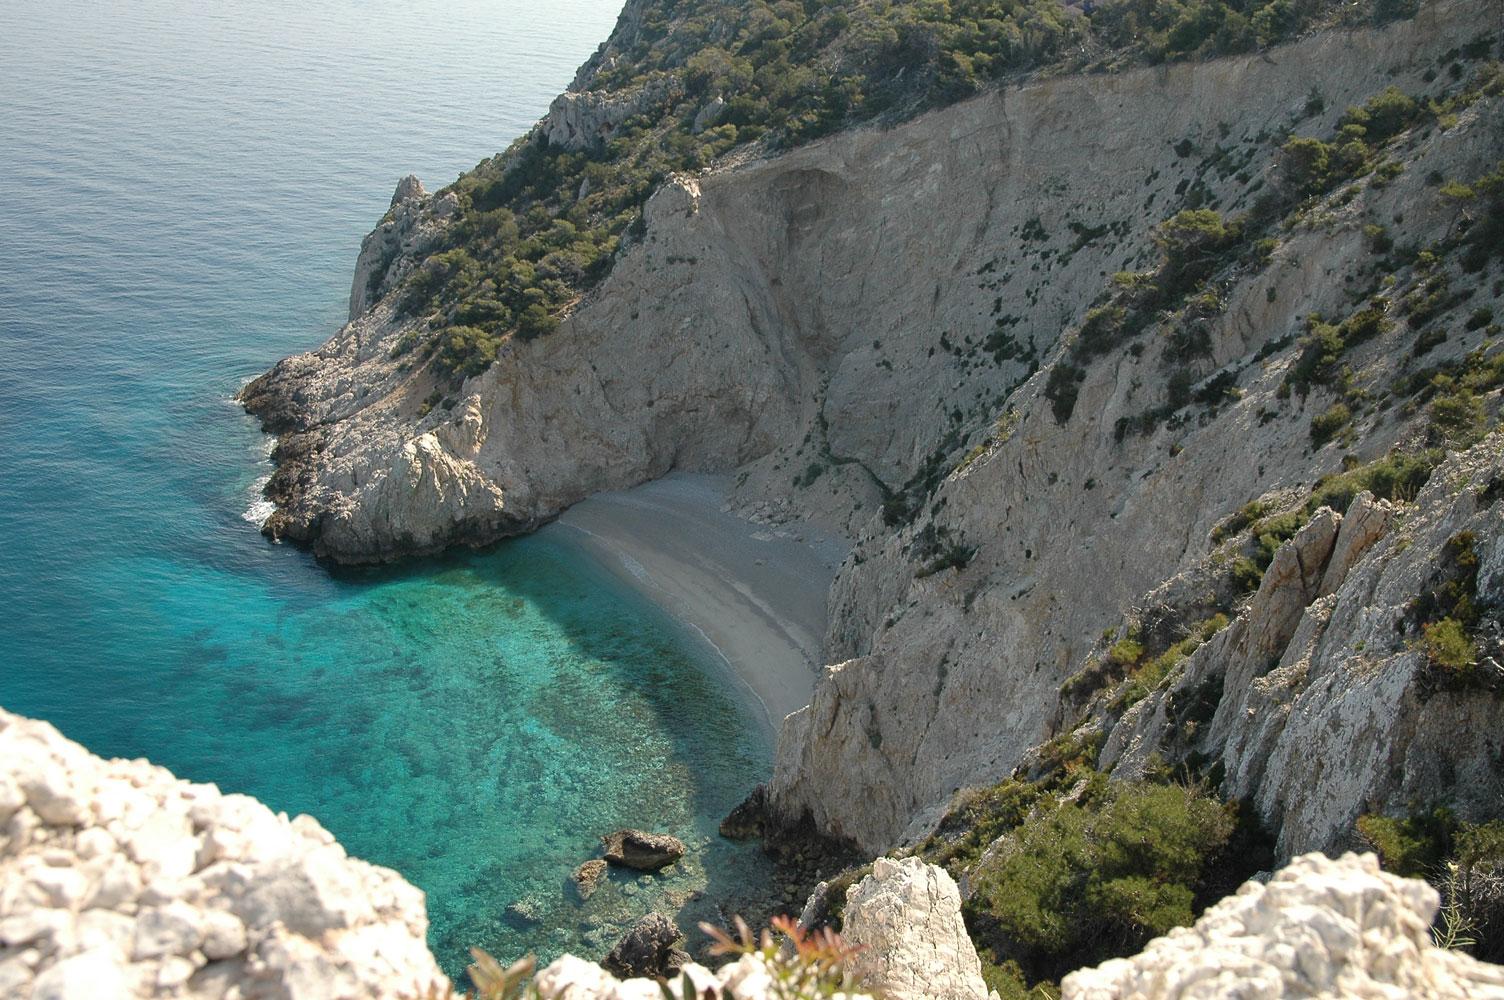 """Η μαγευτική παραλία στην Ελλάδα που θυμίζει το """"Ναυάγιο"""" της Ζακύνθου! (video)"""